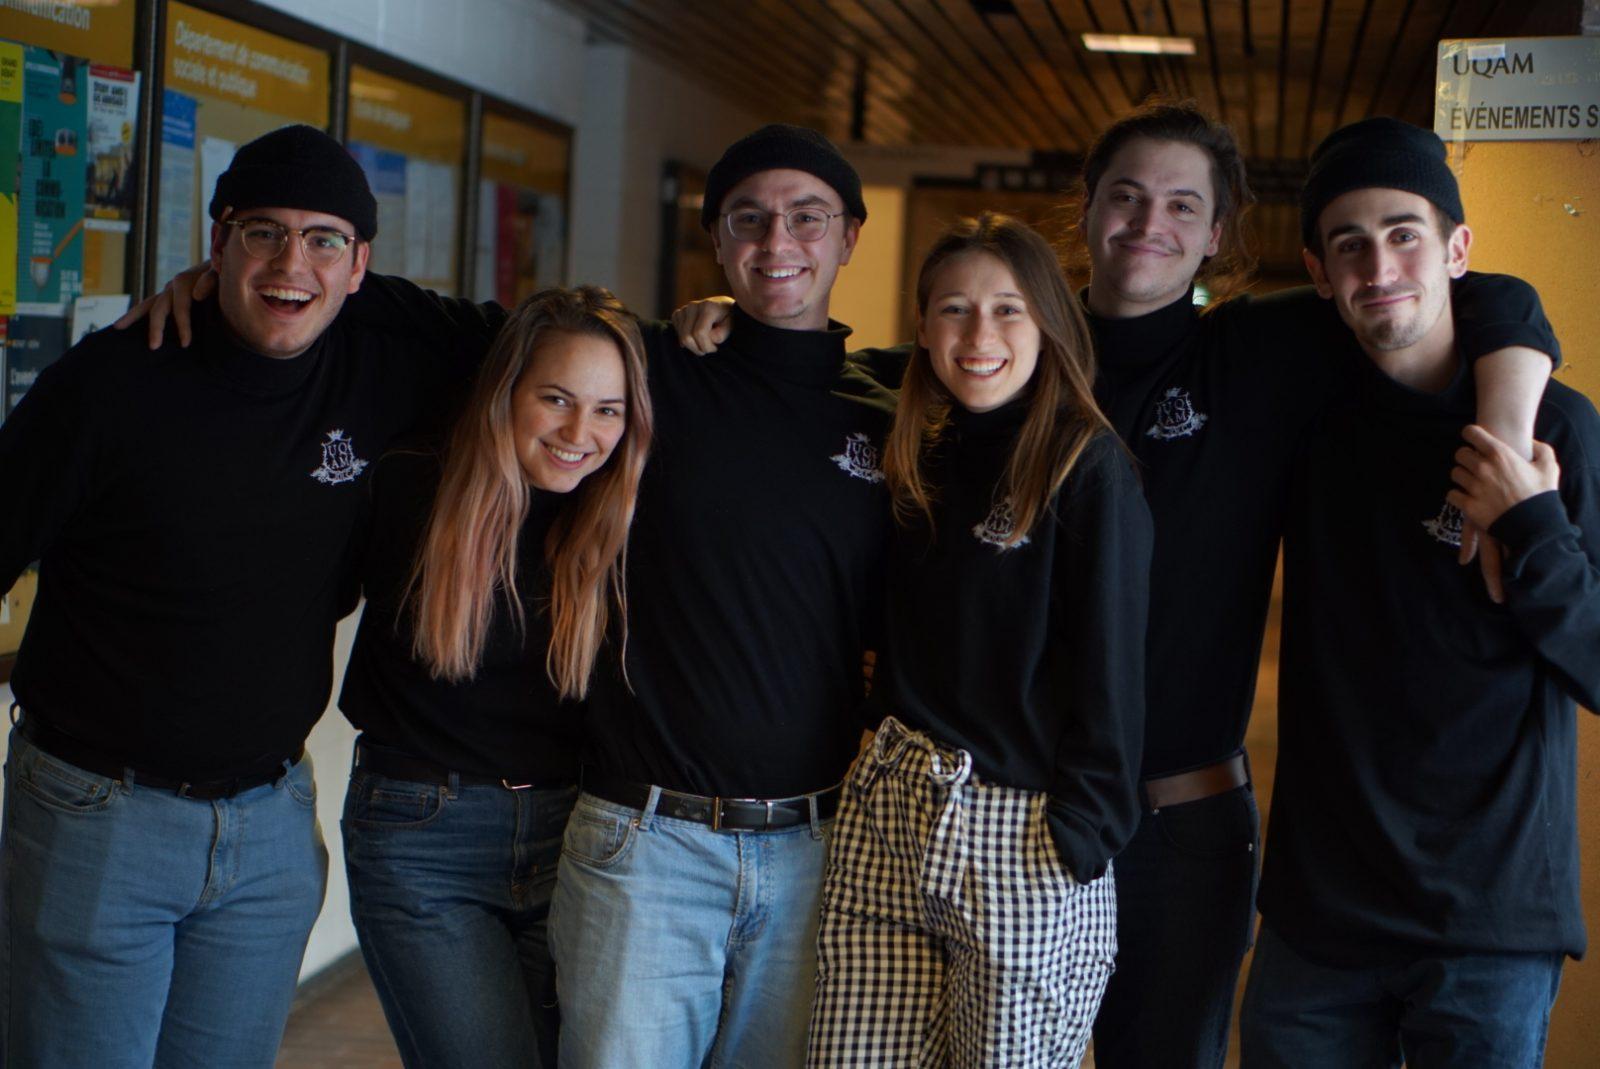 Six étudiants universitaires bouchervillois représenteront l'UQAM aux 23e Jeux de la communication